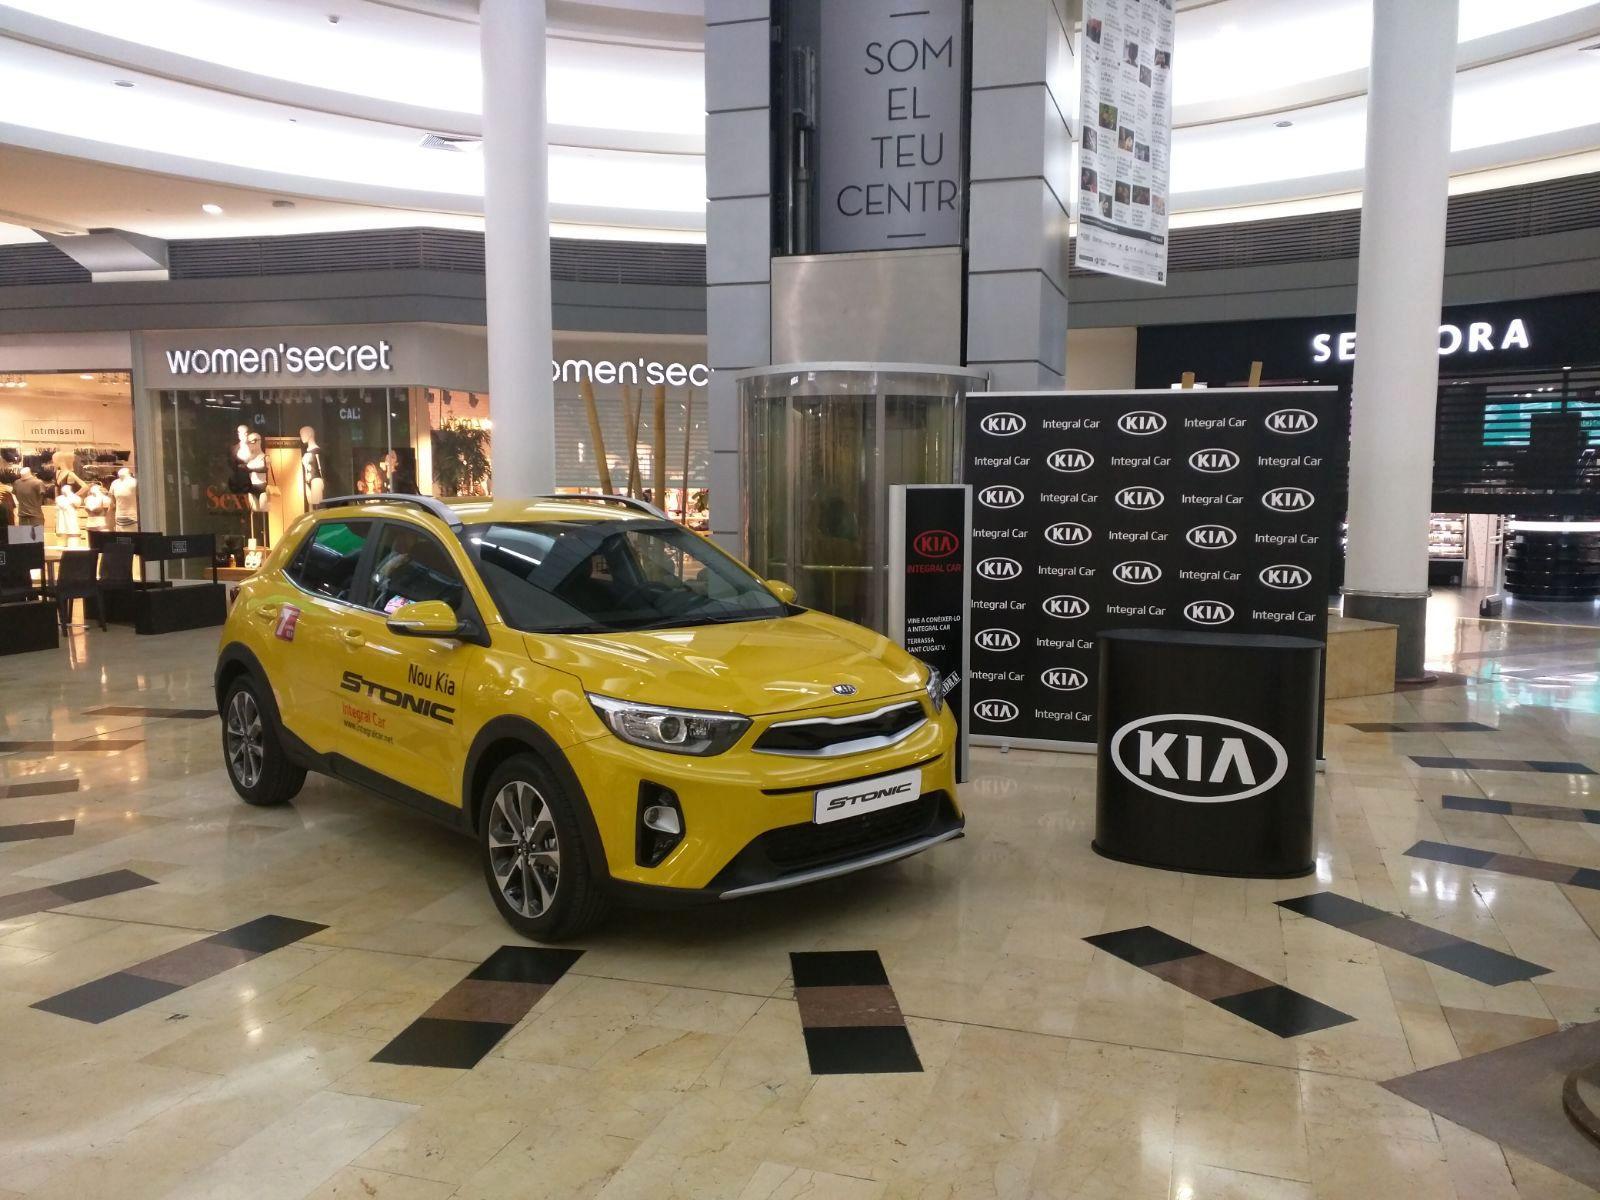 Kia Stonic, protagonista en el Sant Cugat Centre Comercial